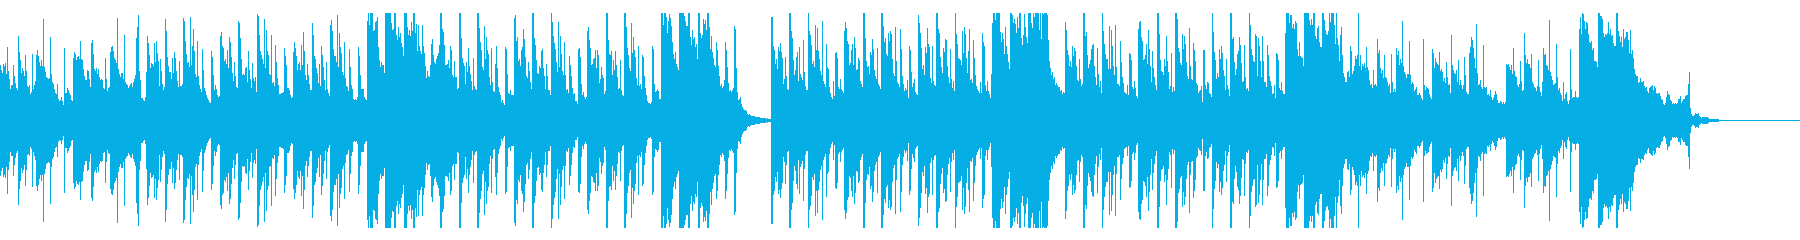 4つ打ち・車のCM・走り抜ける・スピードの再生済みの波形